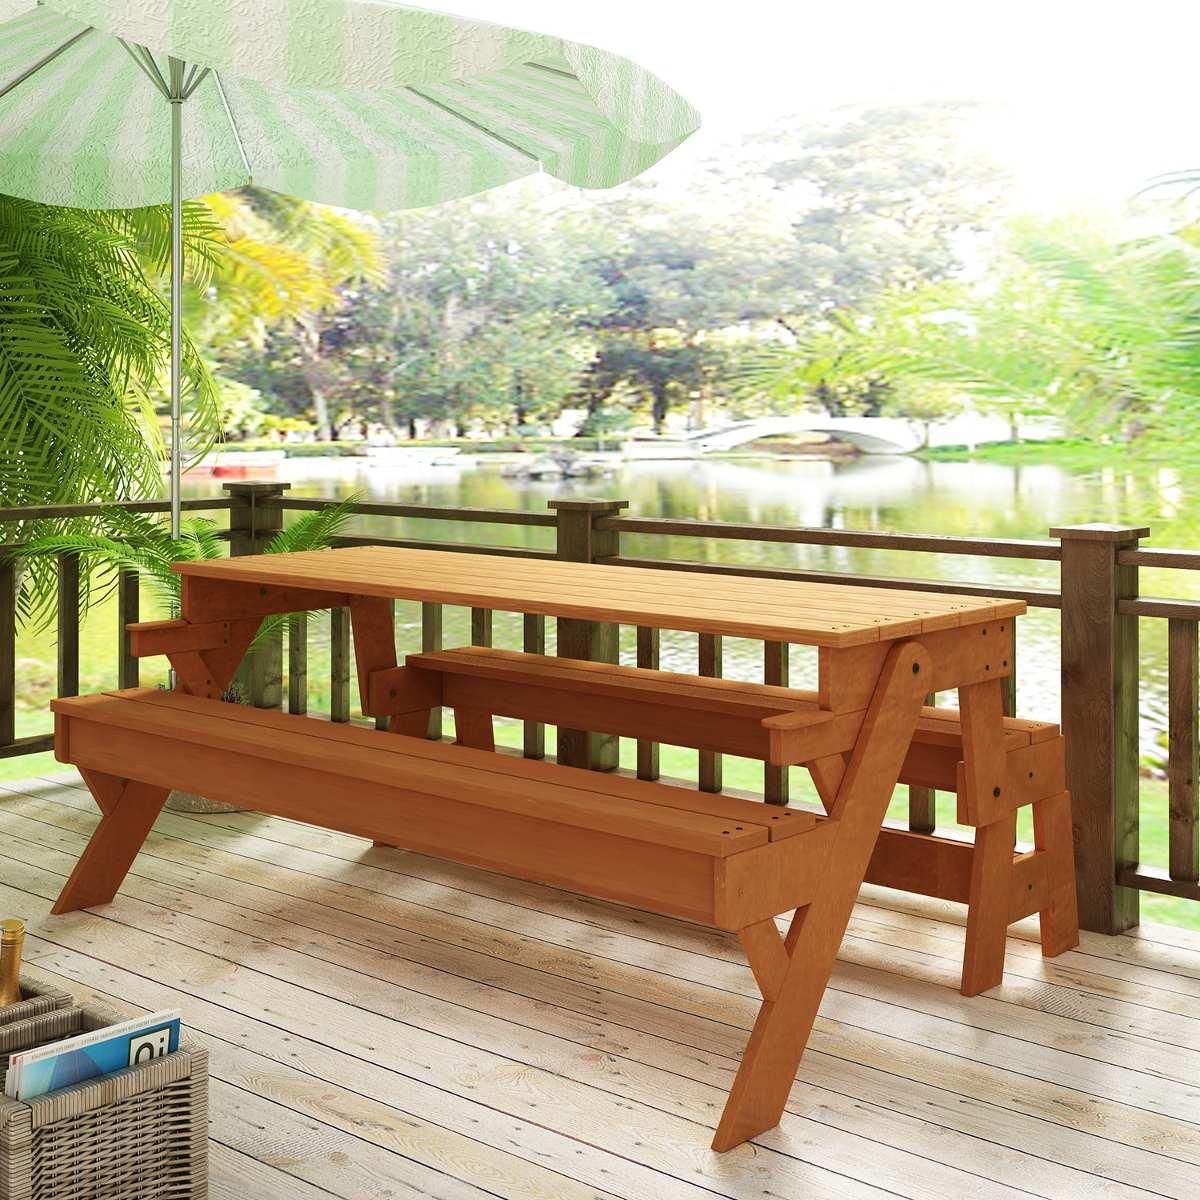 banco de jardim mesa:Banco De Jardim Vira Mesa – R$ 1.205,20 em Mercado Livre